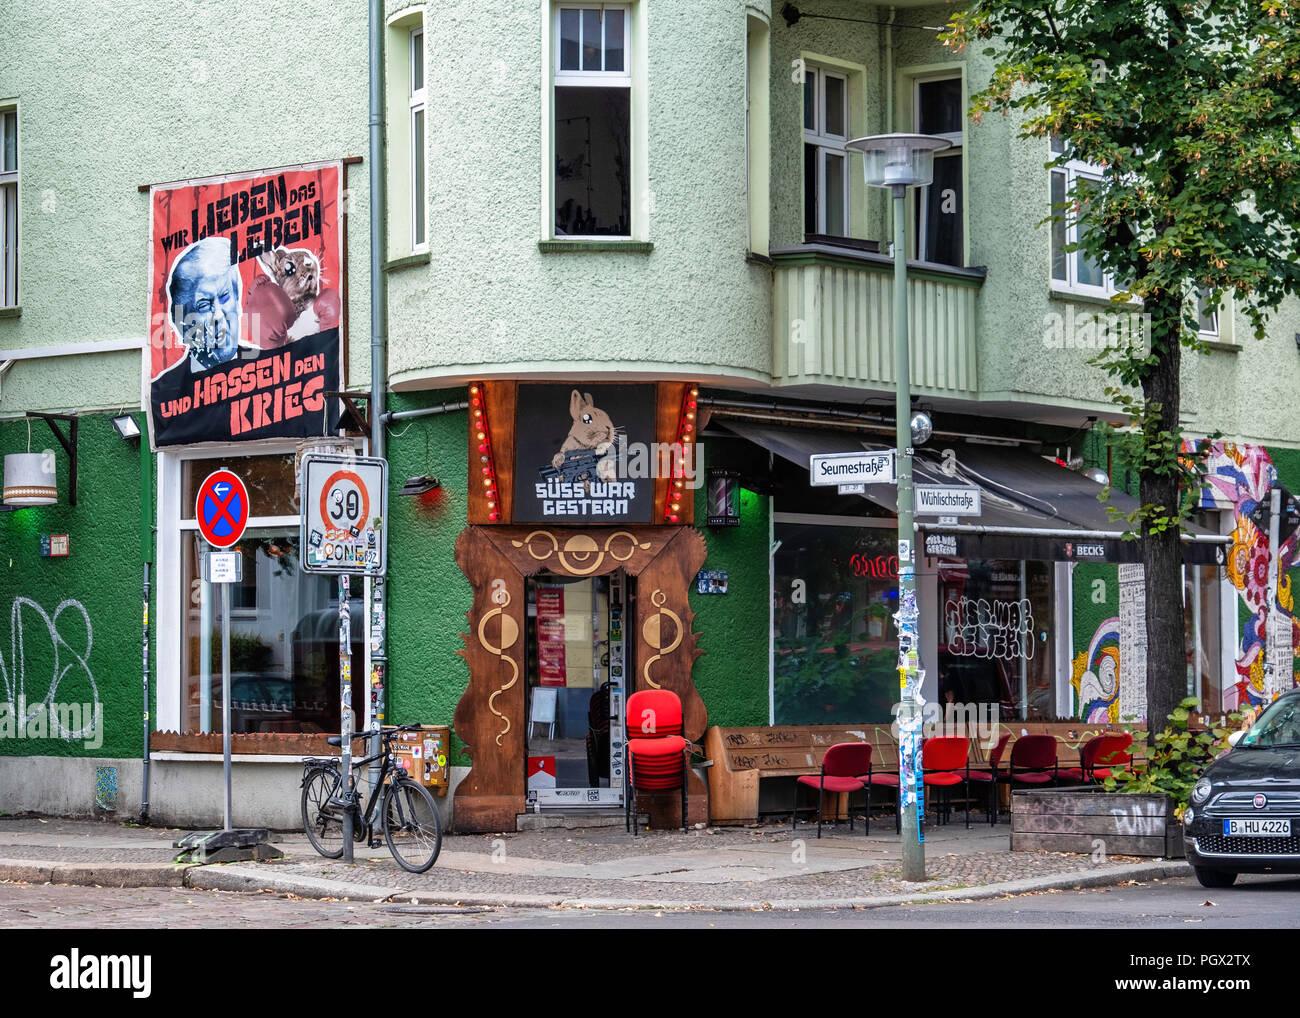 Berlin-Friedrichshain. Süß Krieg und Beispiele pub Exterieur, Kostenfreie Club mit counter culture Vibe & Tanzfläche Stockbild